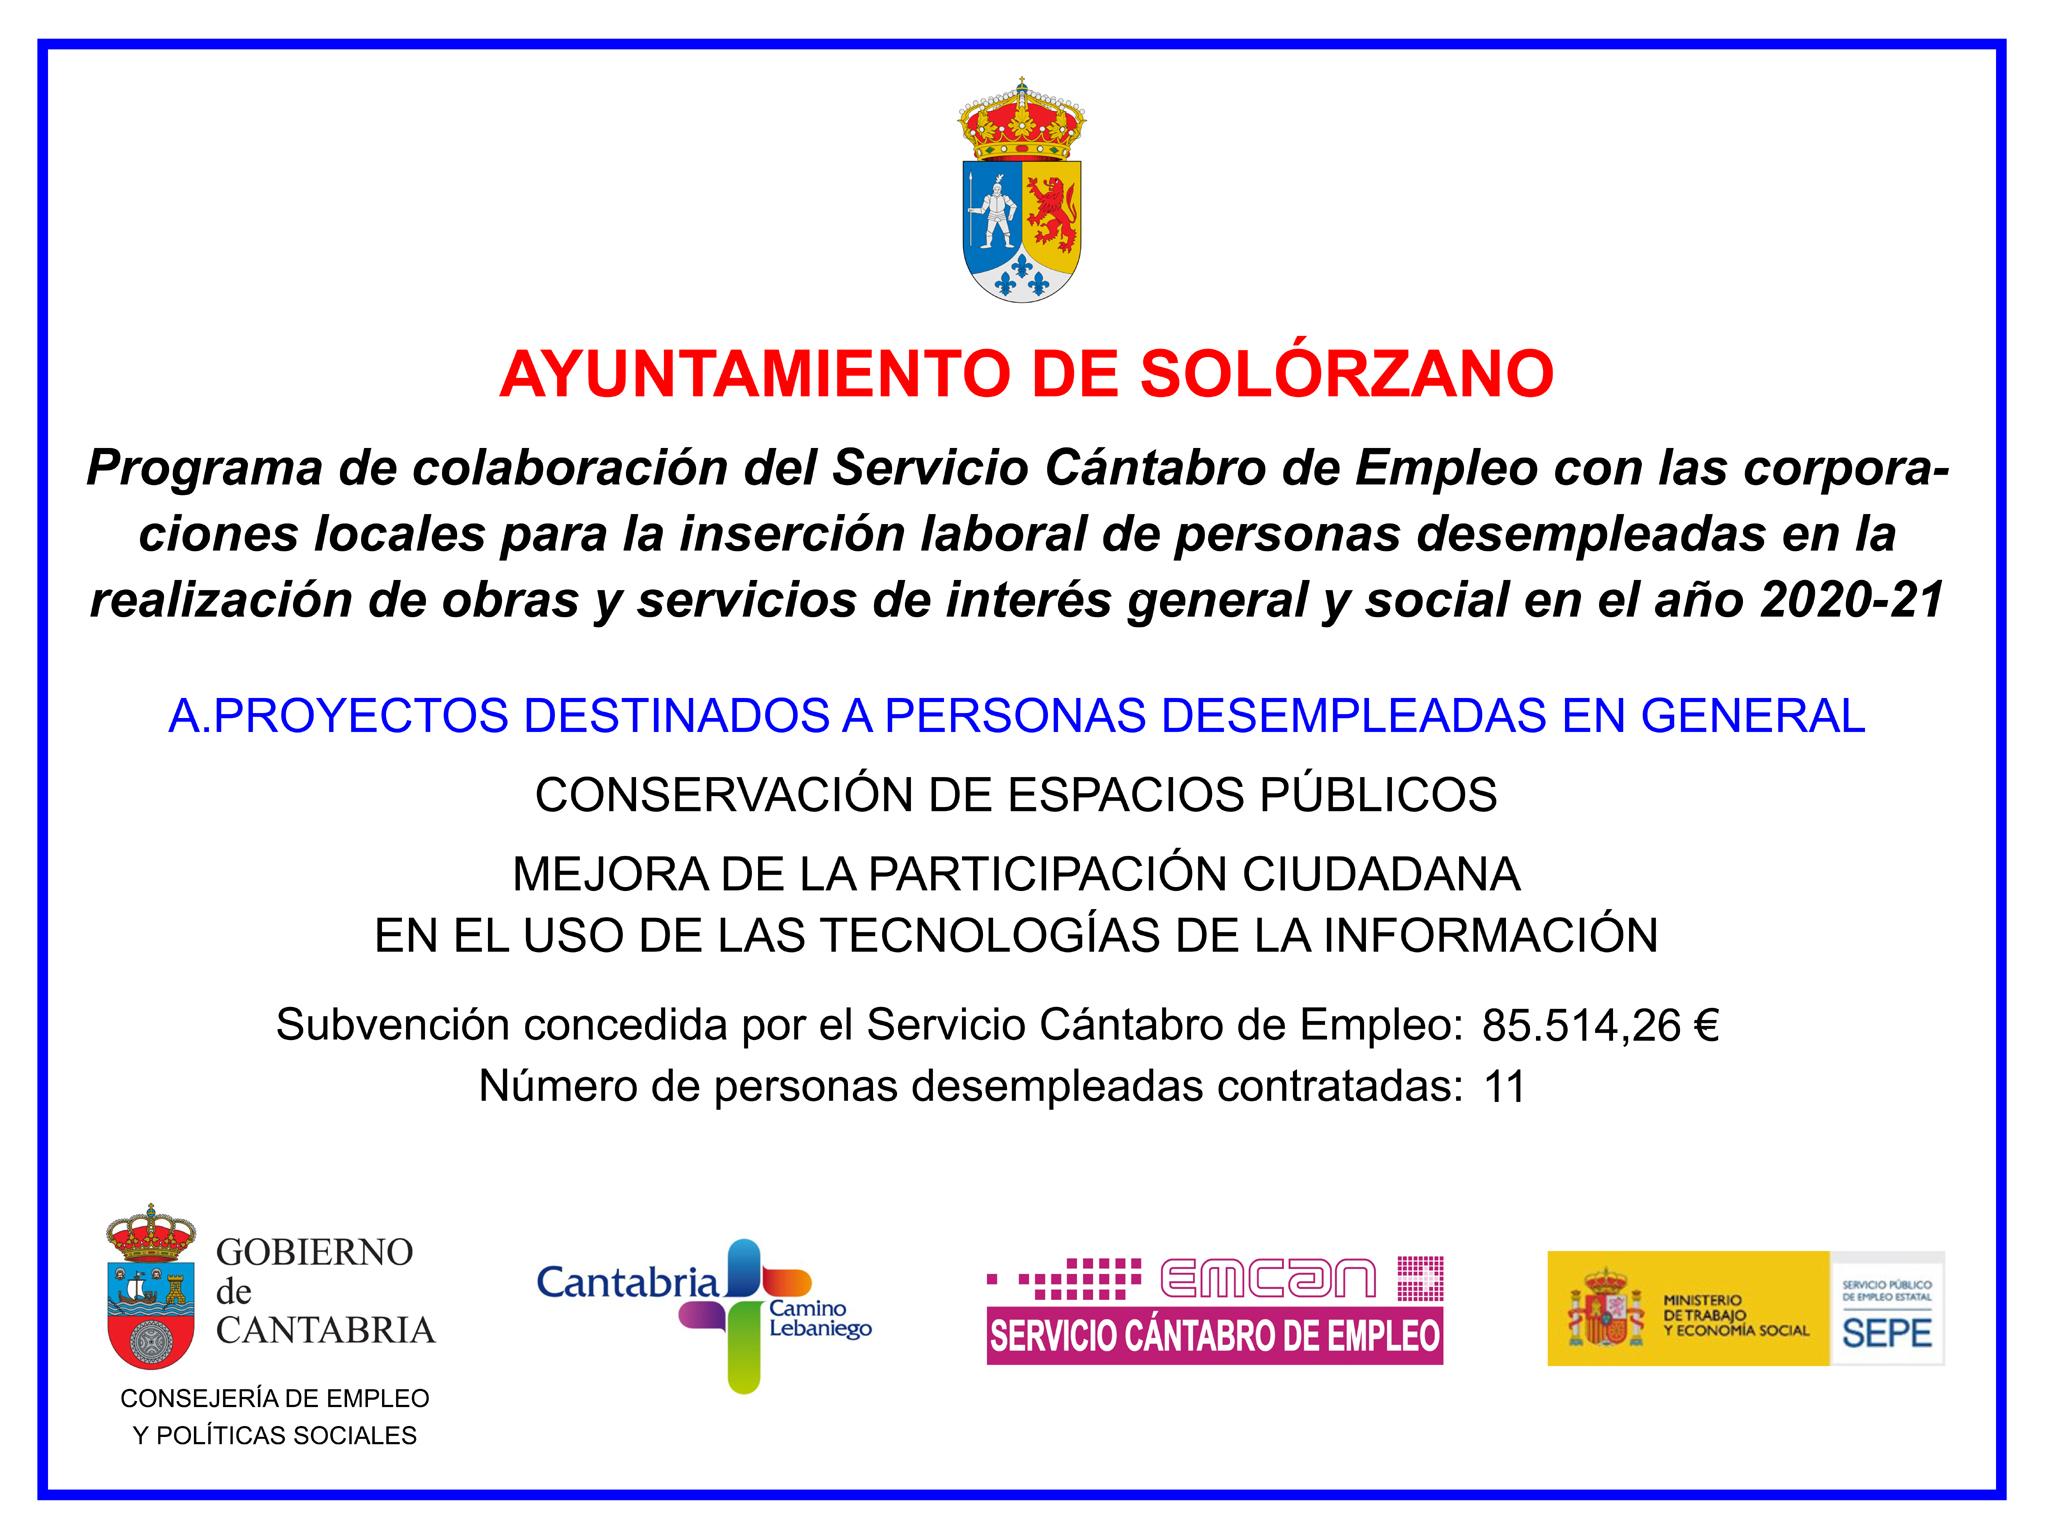 Cartel del Programa de Colaboración del Servicio Cántabro de Empleo con el Ayuntamiento de Solórzano para la contratación de personas desempleadas en 2020-21.